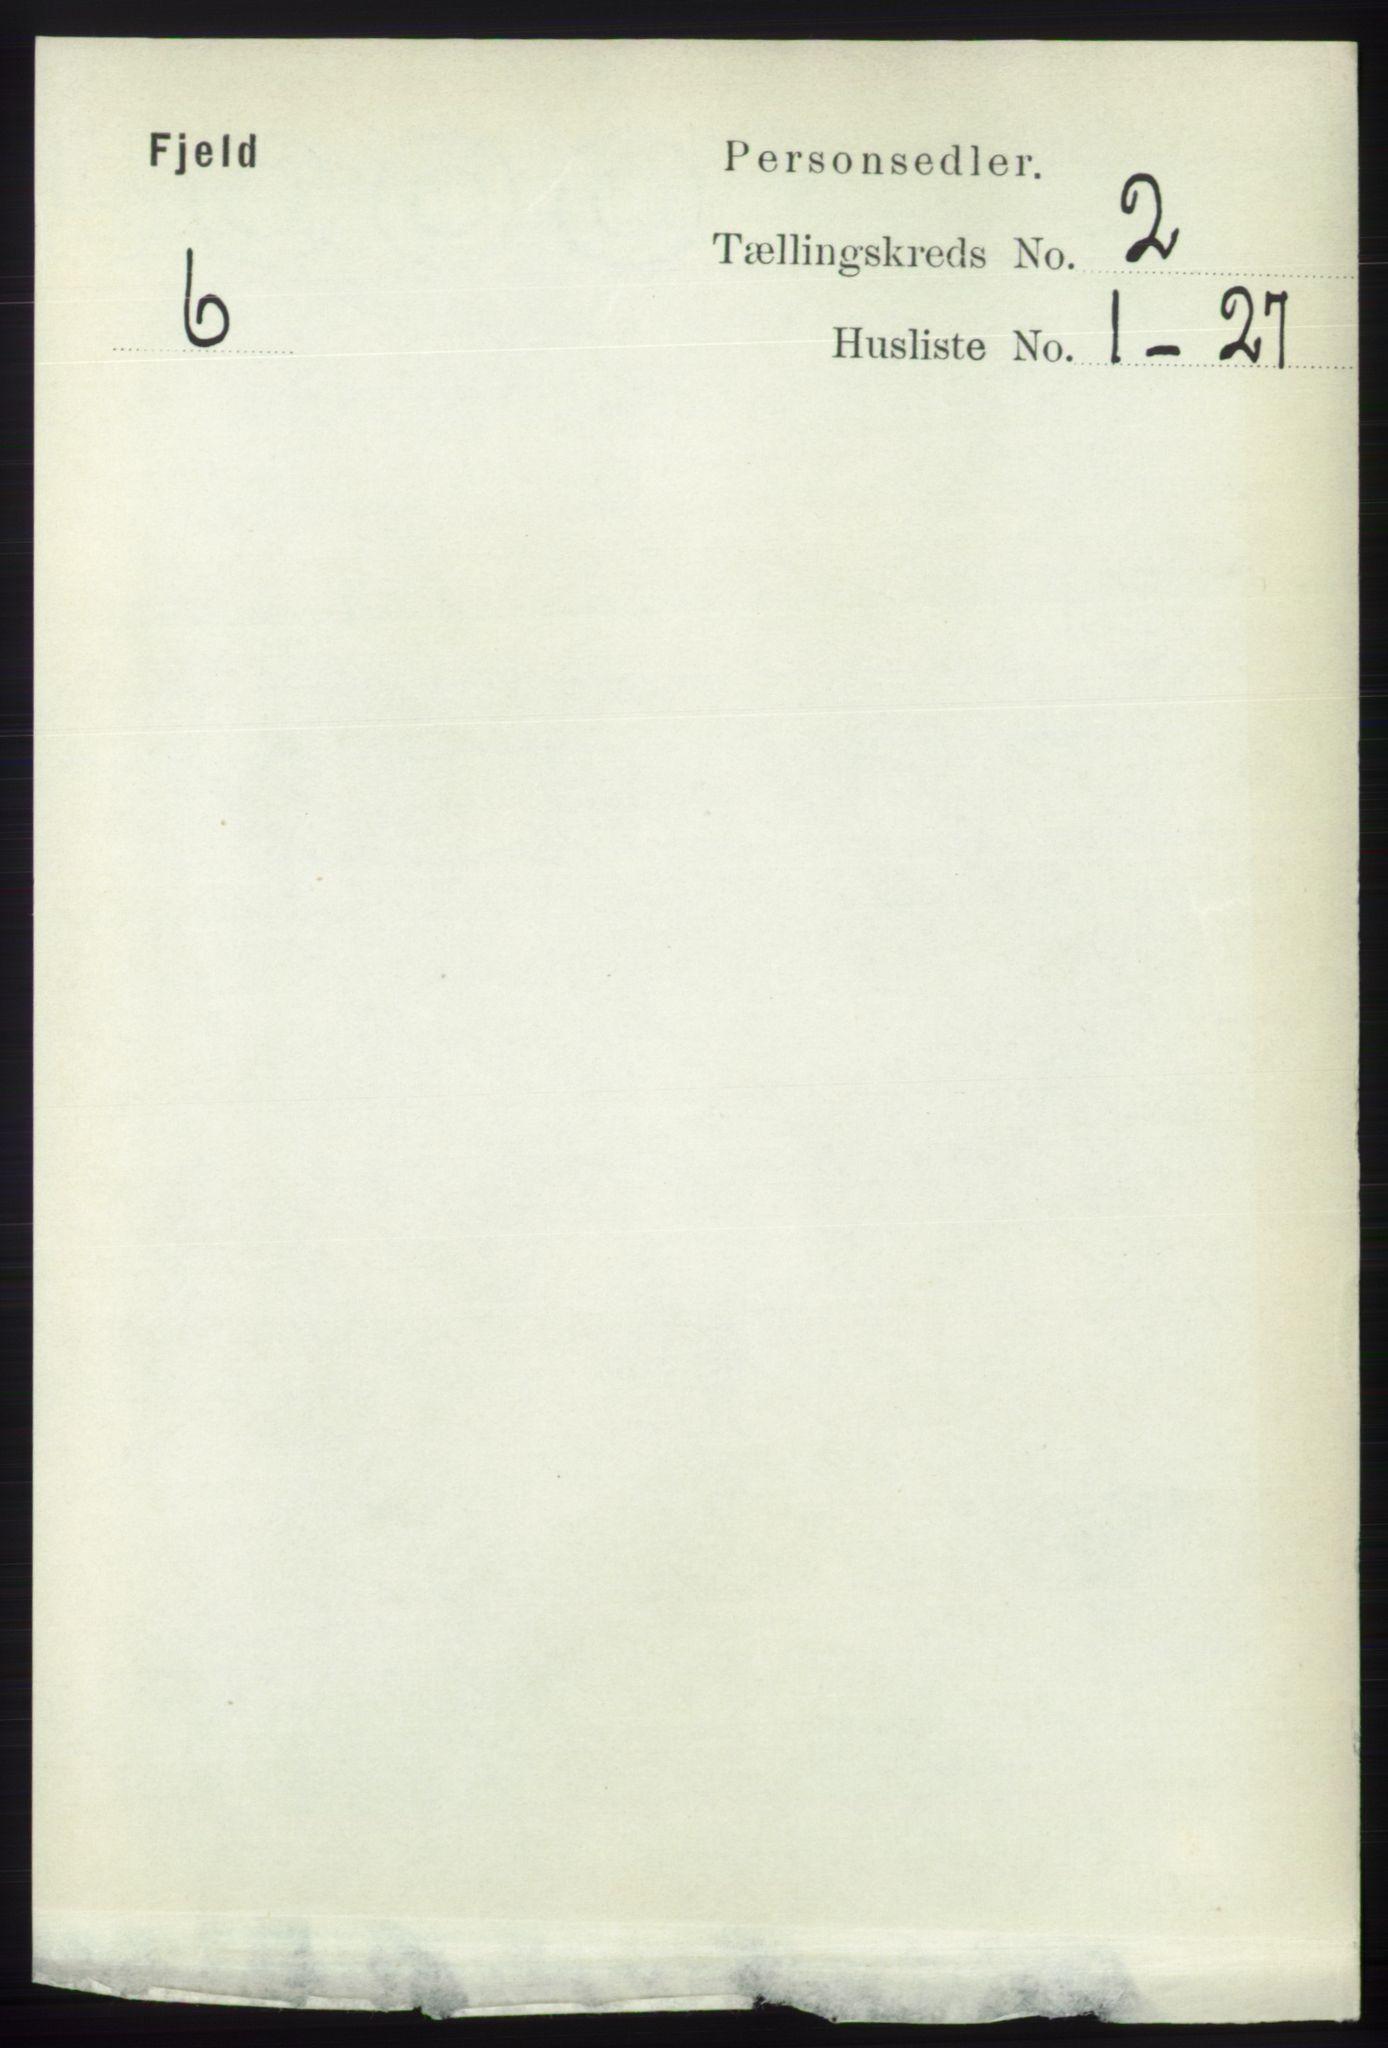 RA, Folketelling 1891 for 1246 Fjell herred, 1891, s. 696